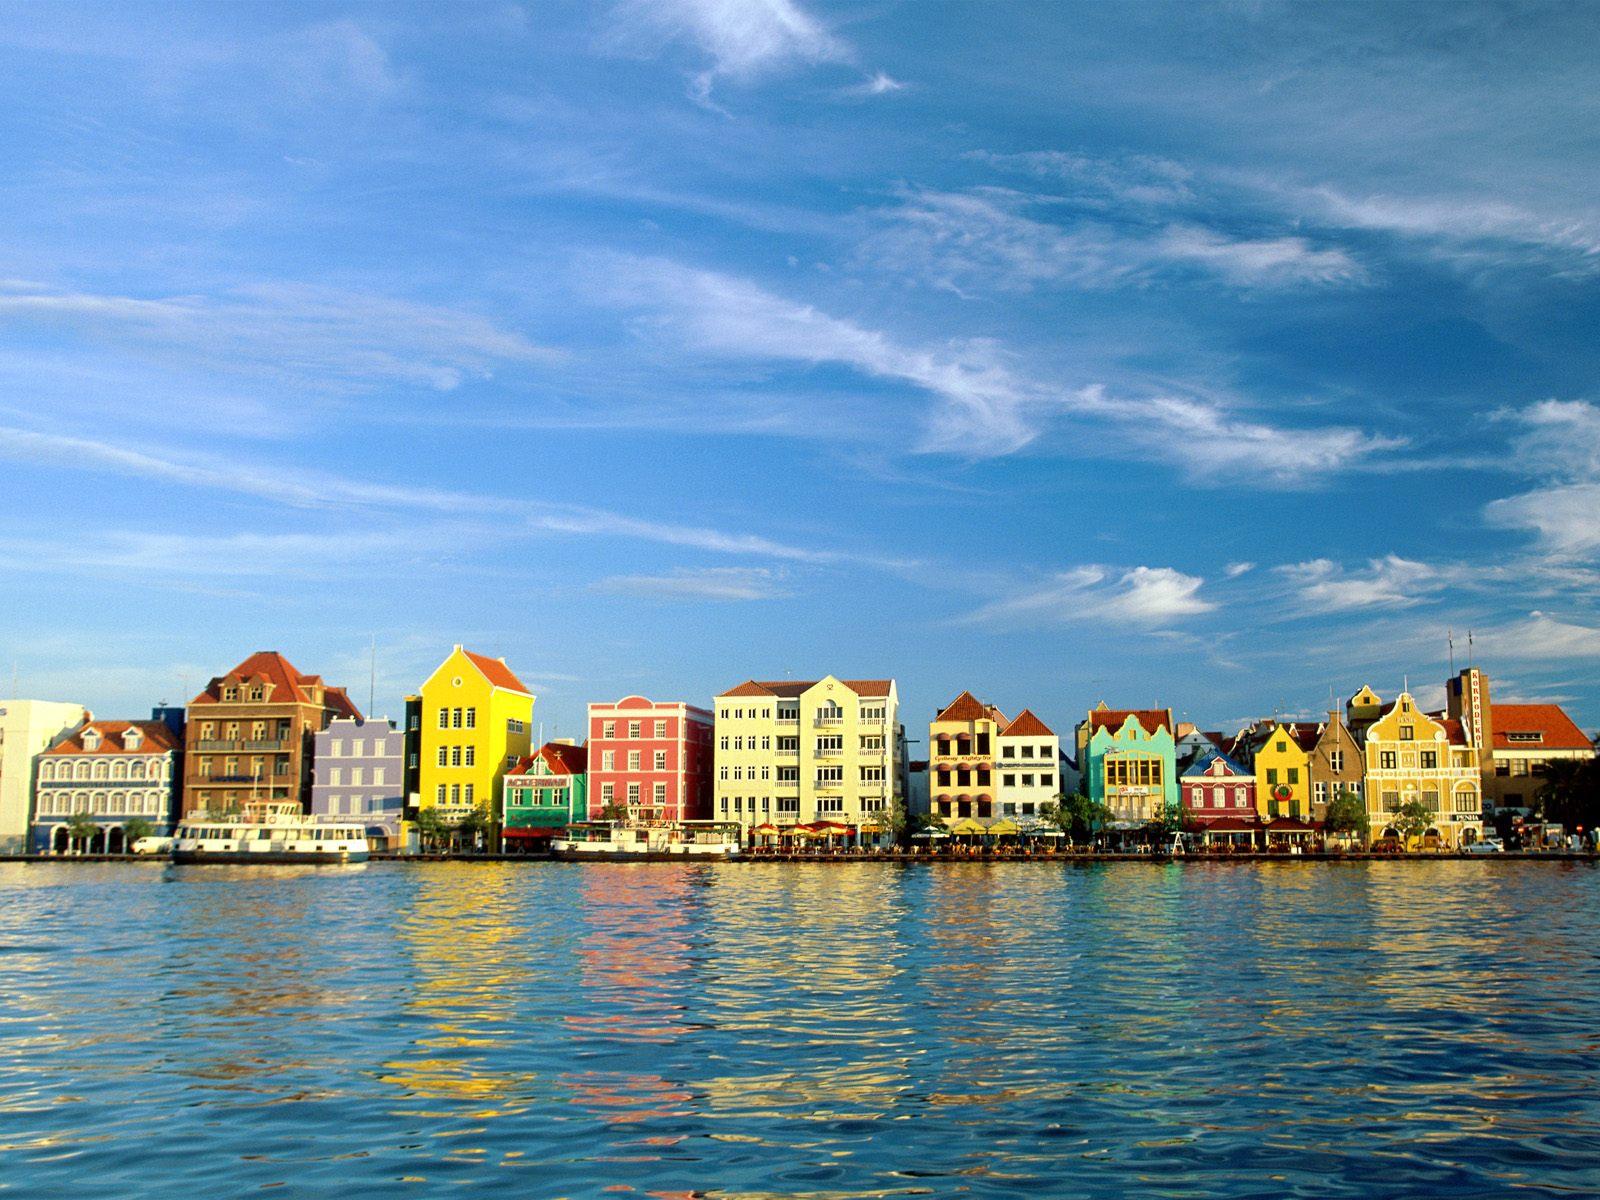 городок на острове бесплатно